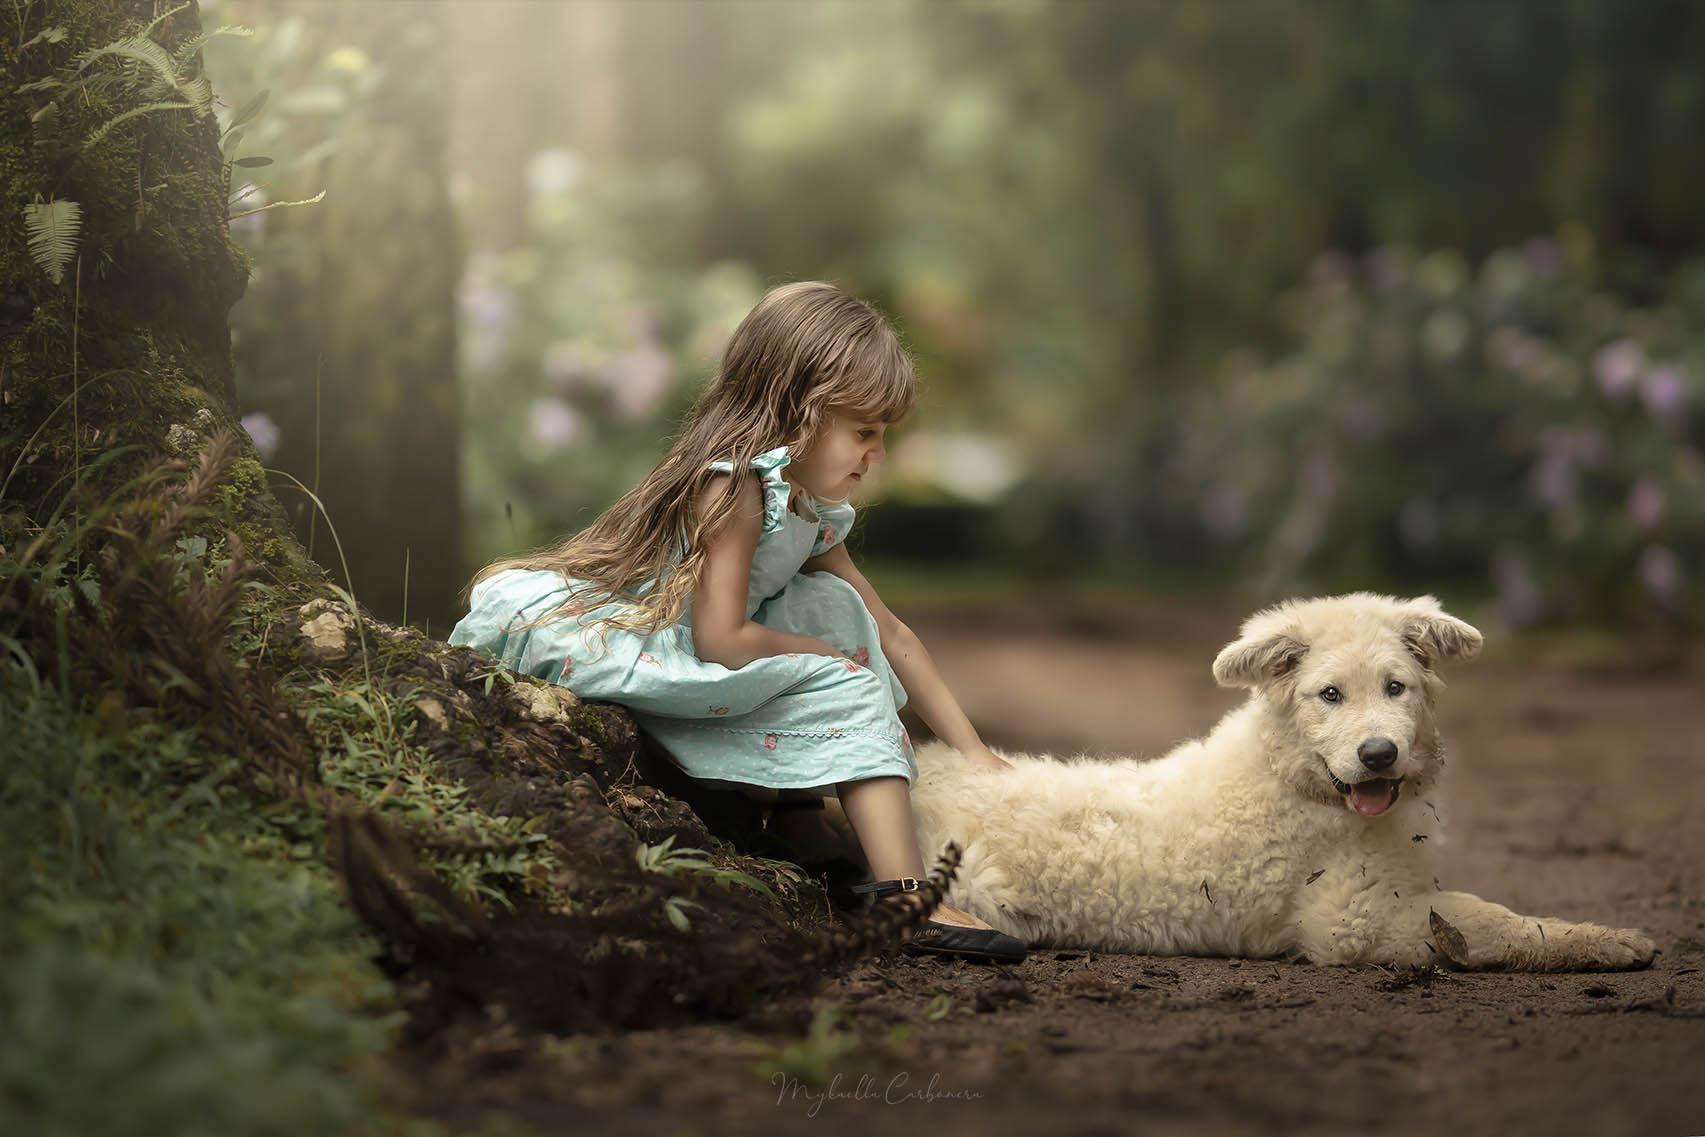 Menina brinca com cachorro